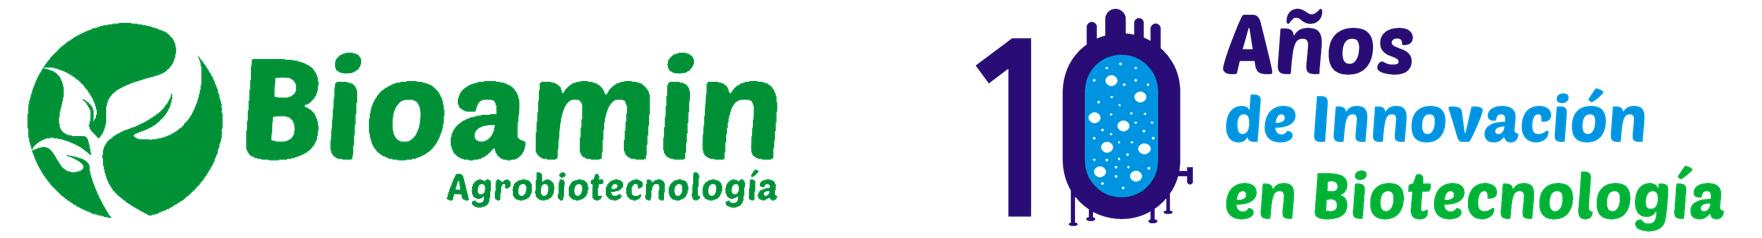 BIOAMIN Agrobiotecnología